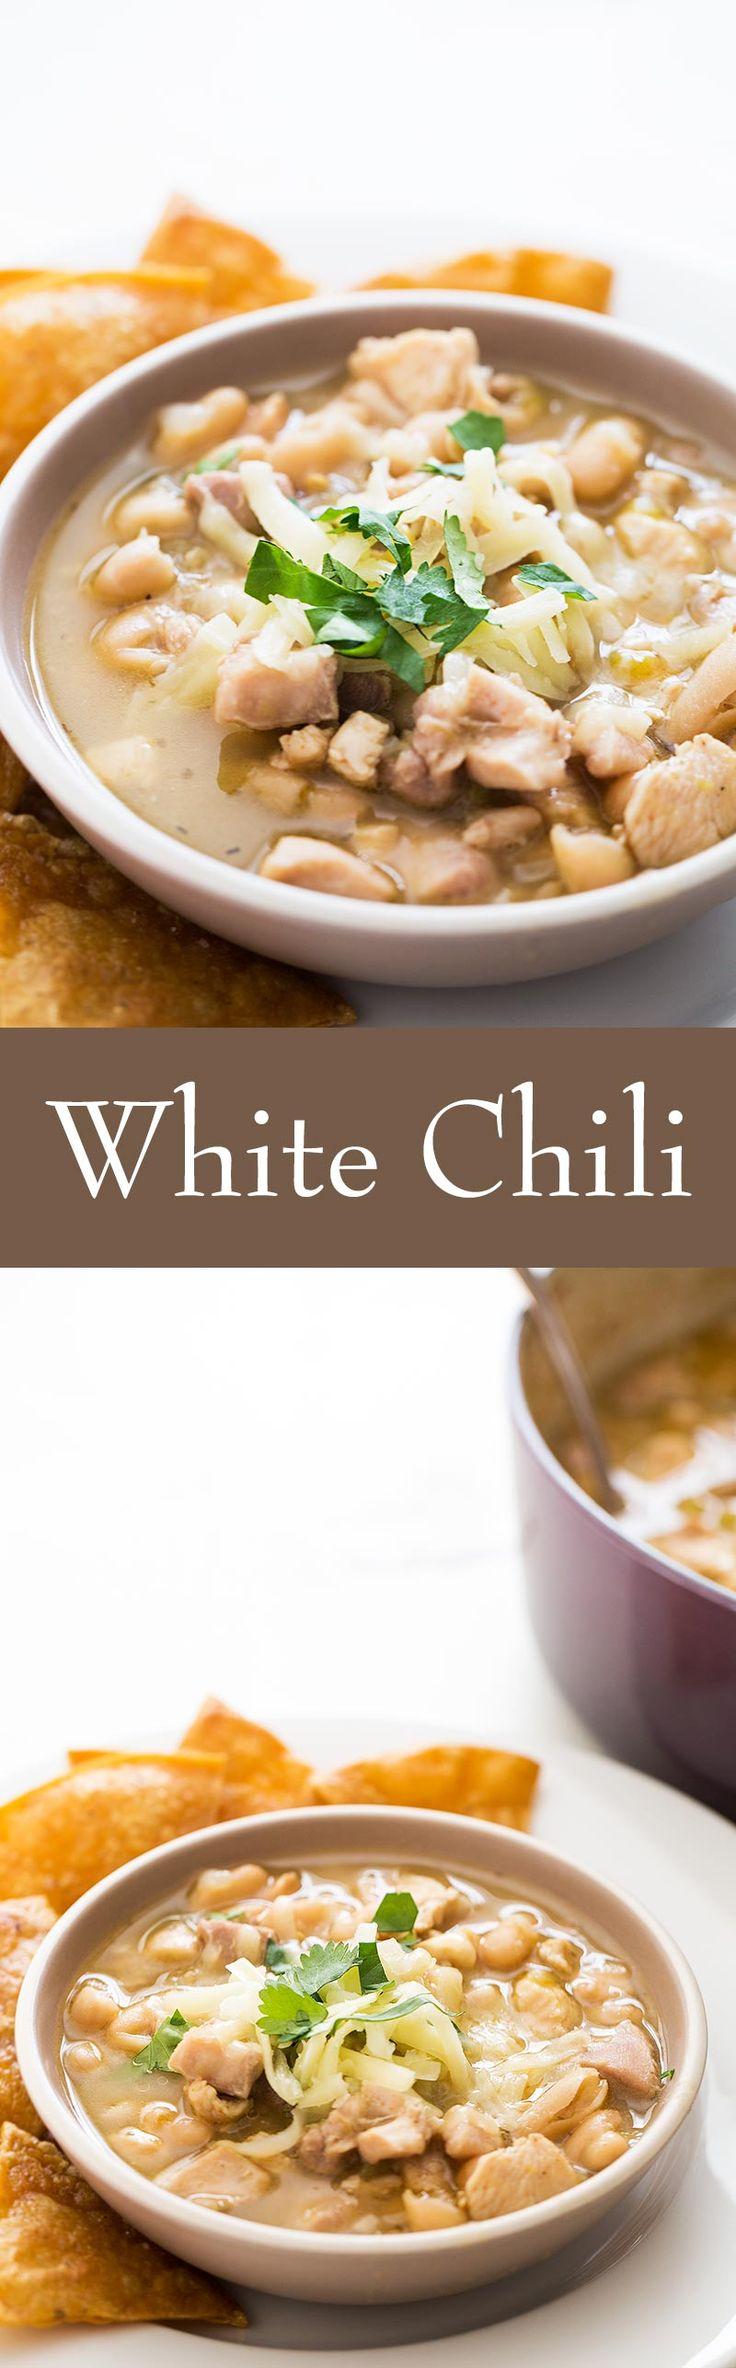 white chili recipe pioneer woman